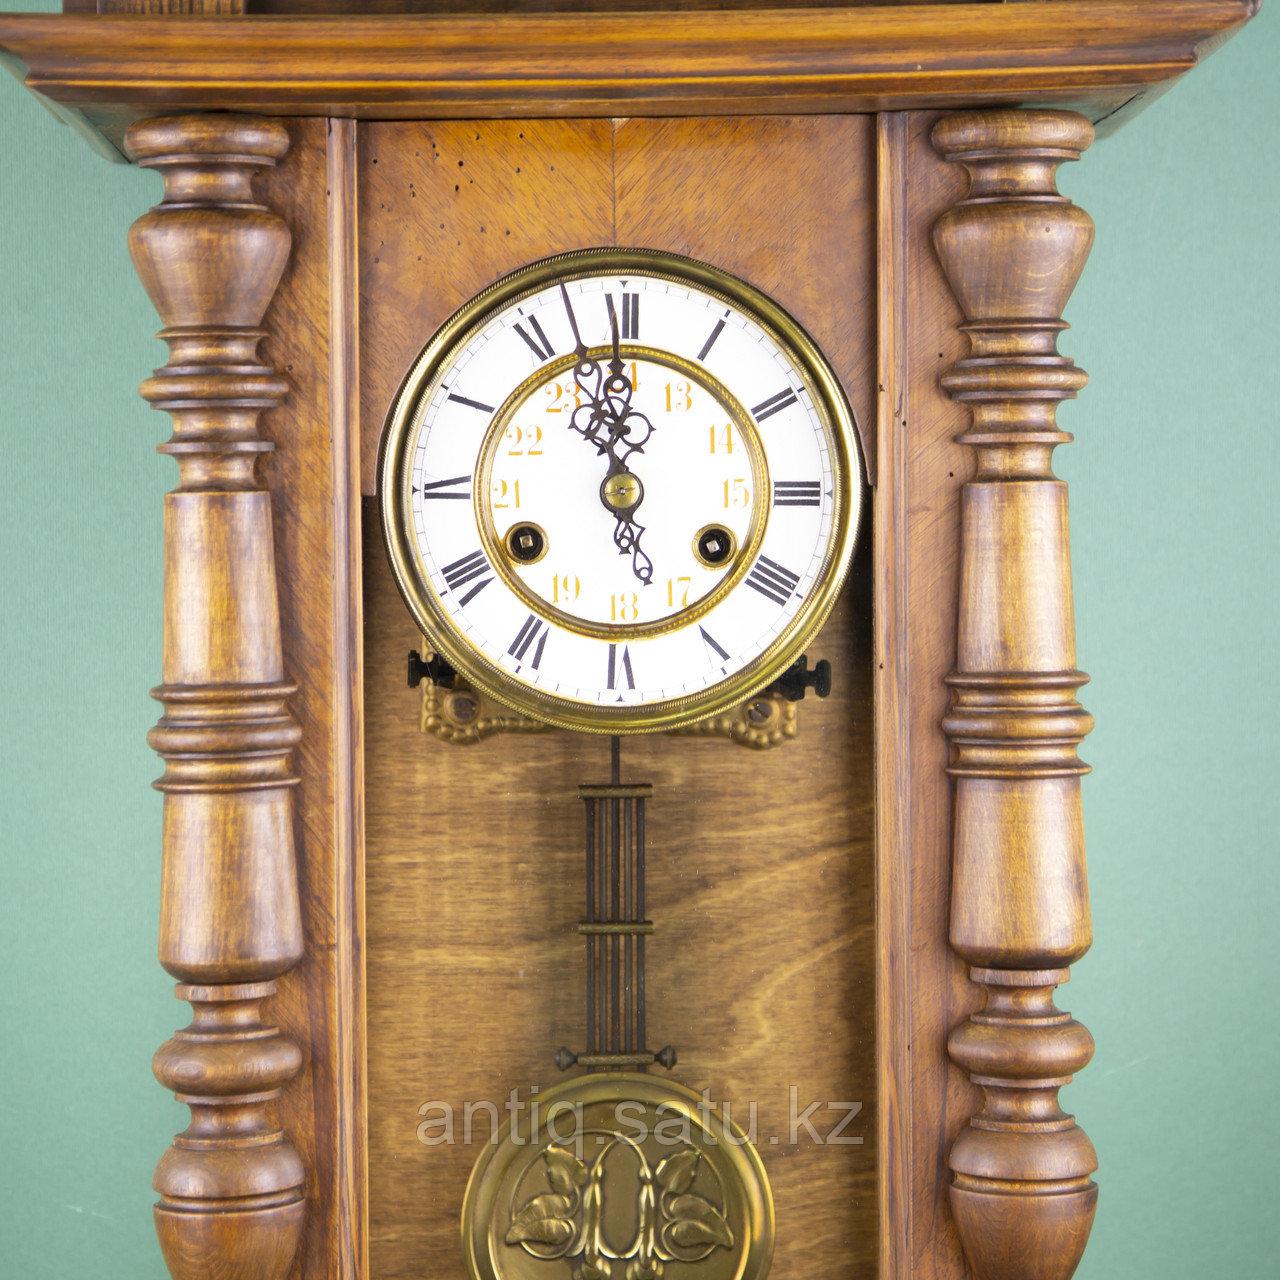 Настенные часы Часовая мастерская Franz Hermle & Sohne - фото 8